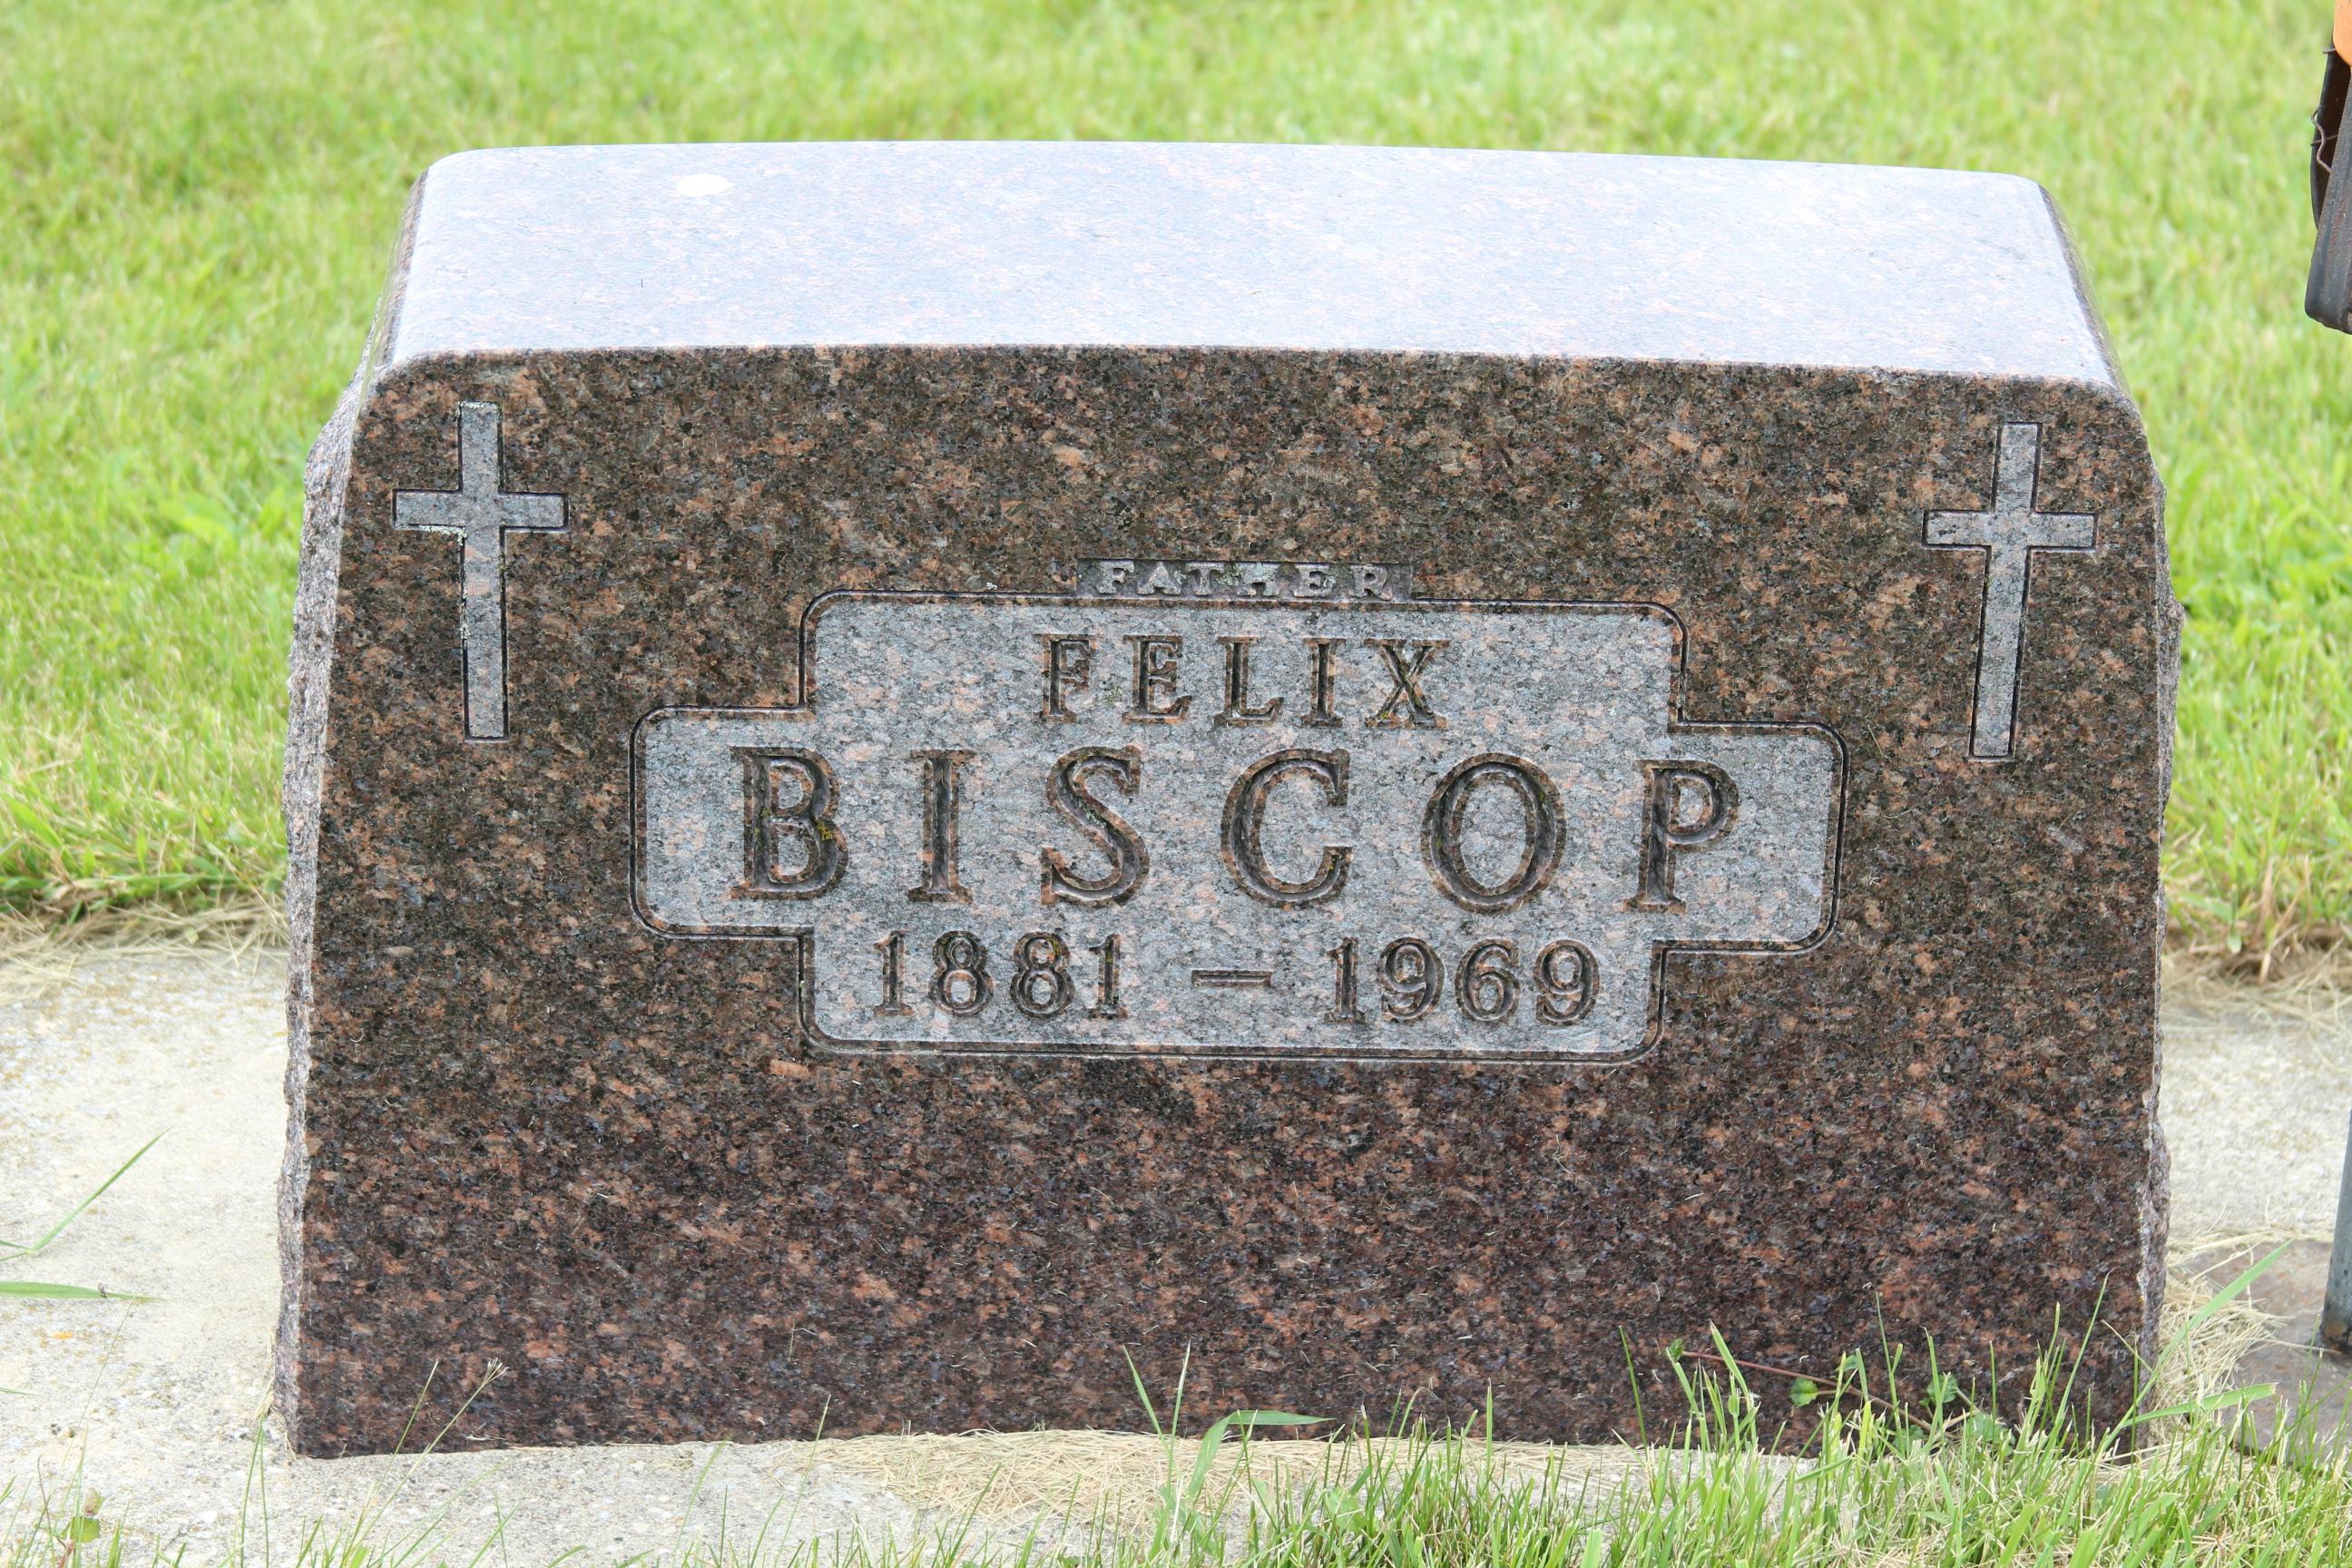 Felix Biscop